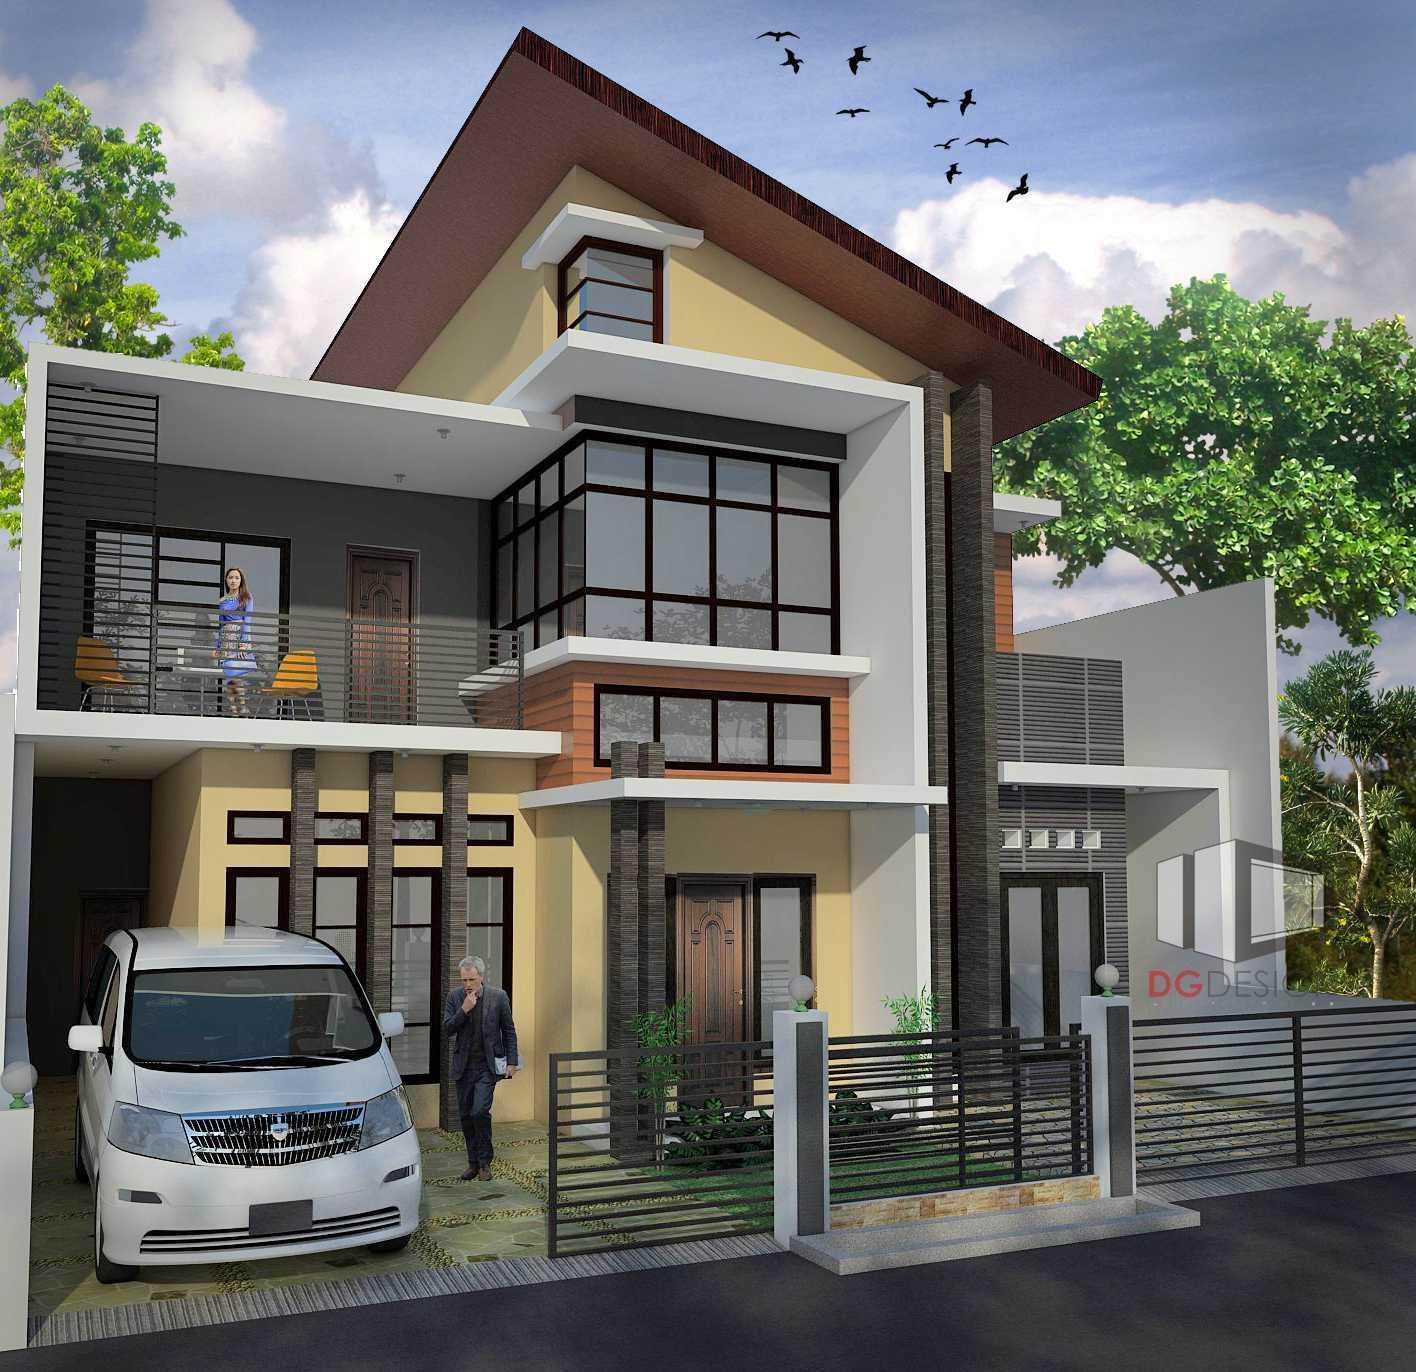 Dg Design Arsitektur Rumah Modern Depok Depok, Kota Depok, Jawa Barat, Indonesia Depok, Kota Depok, Jawa Barat, Indonesia Dg-Design-Arsitektur-Rumah-Modern-Bp-Depok  60670